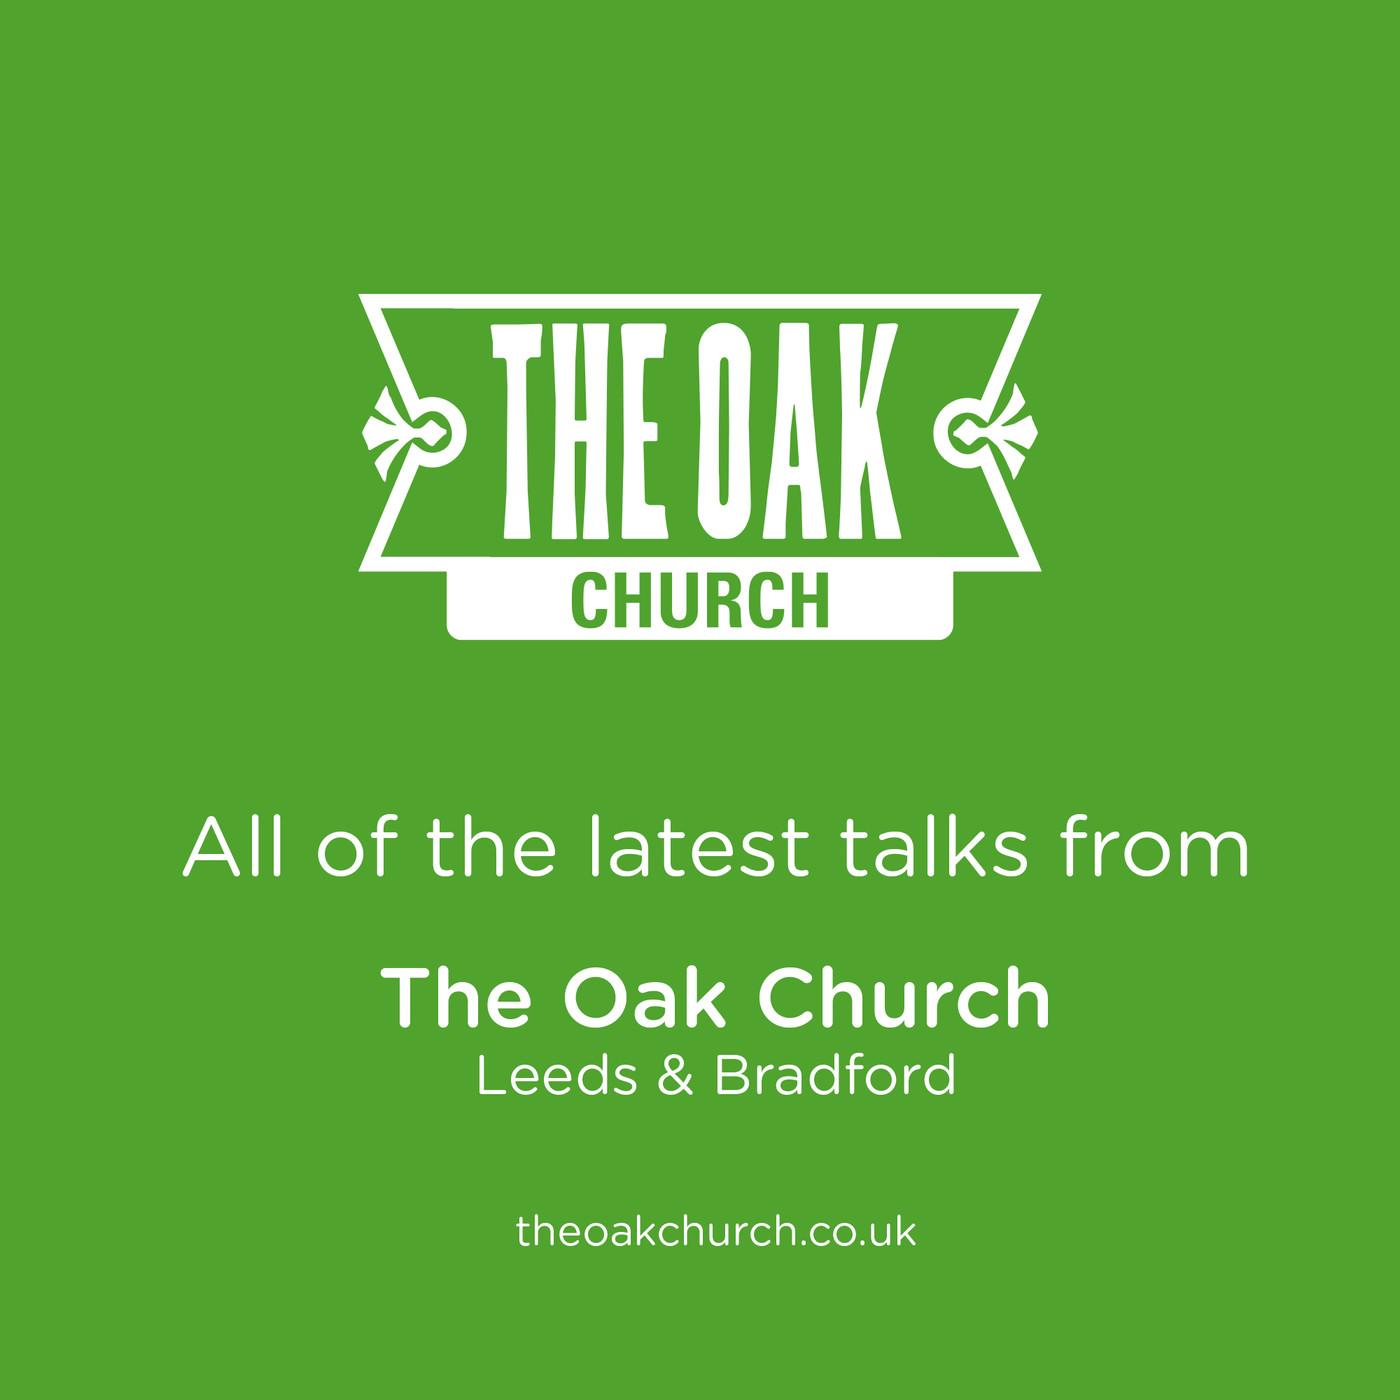 The Oak Church